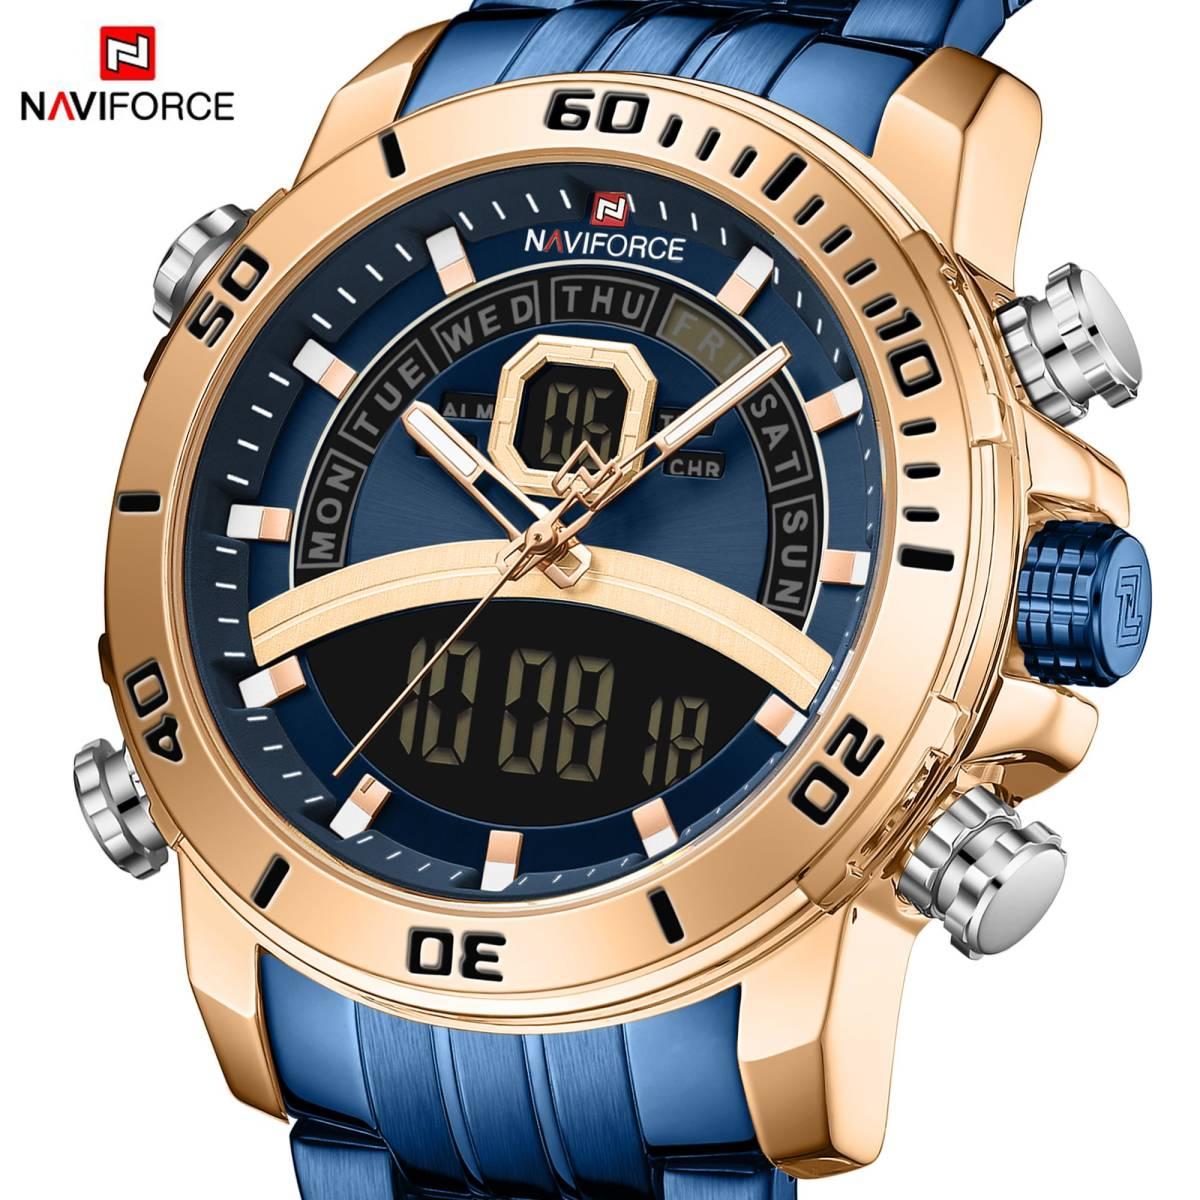 Naviforce 男性のスポーツウォッチミリタリーデジタルデュアルディスプレイ腕時計クォーツ防水時計男性レロジオ masculino 新 2020_画像1